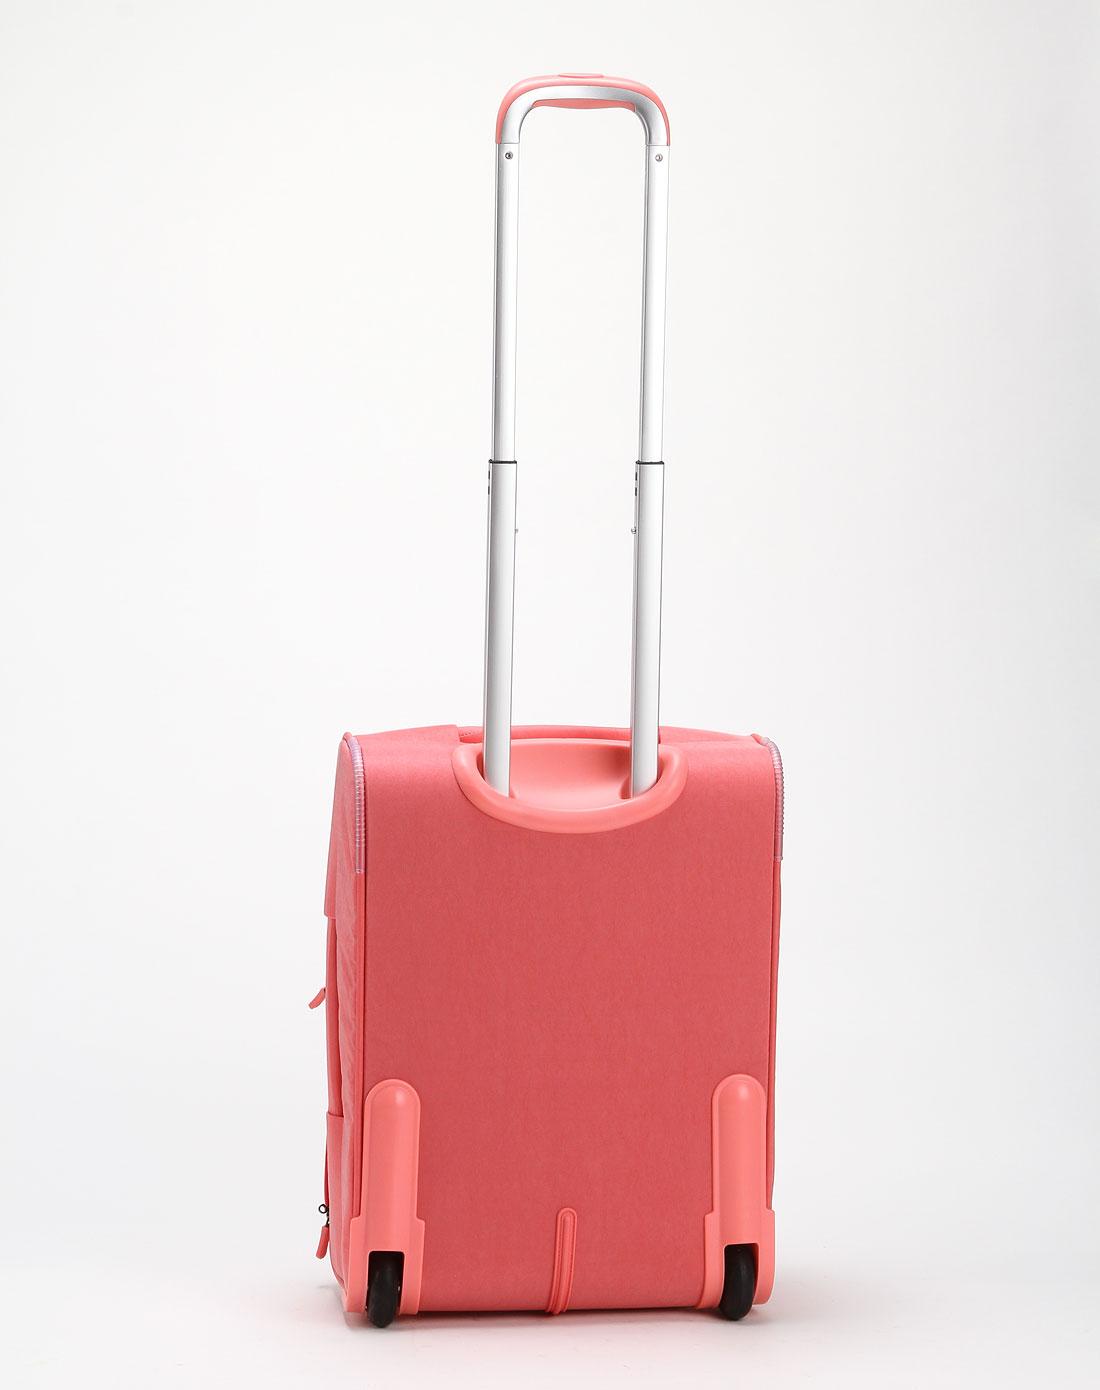 女款时尚粉红色拉杆箱18寸